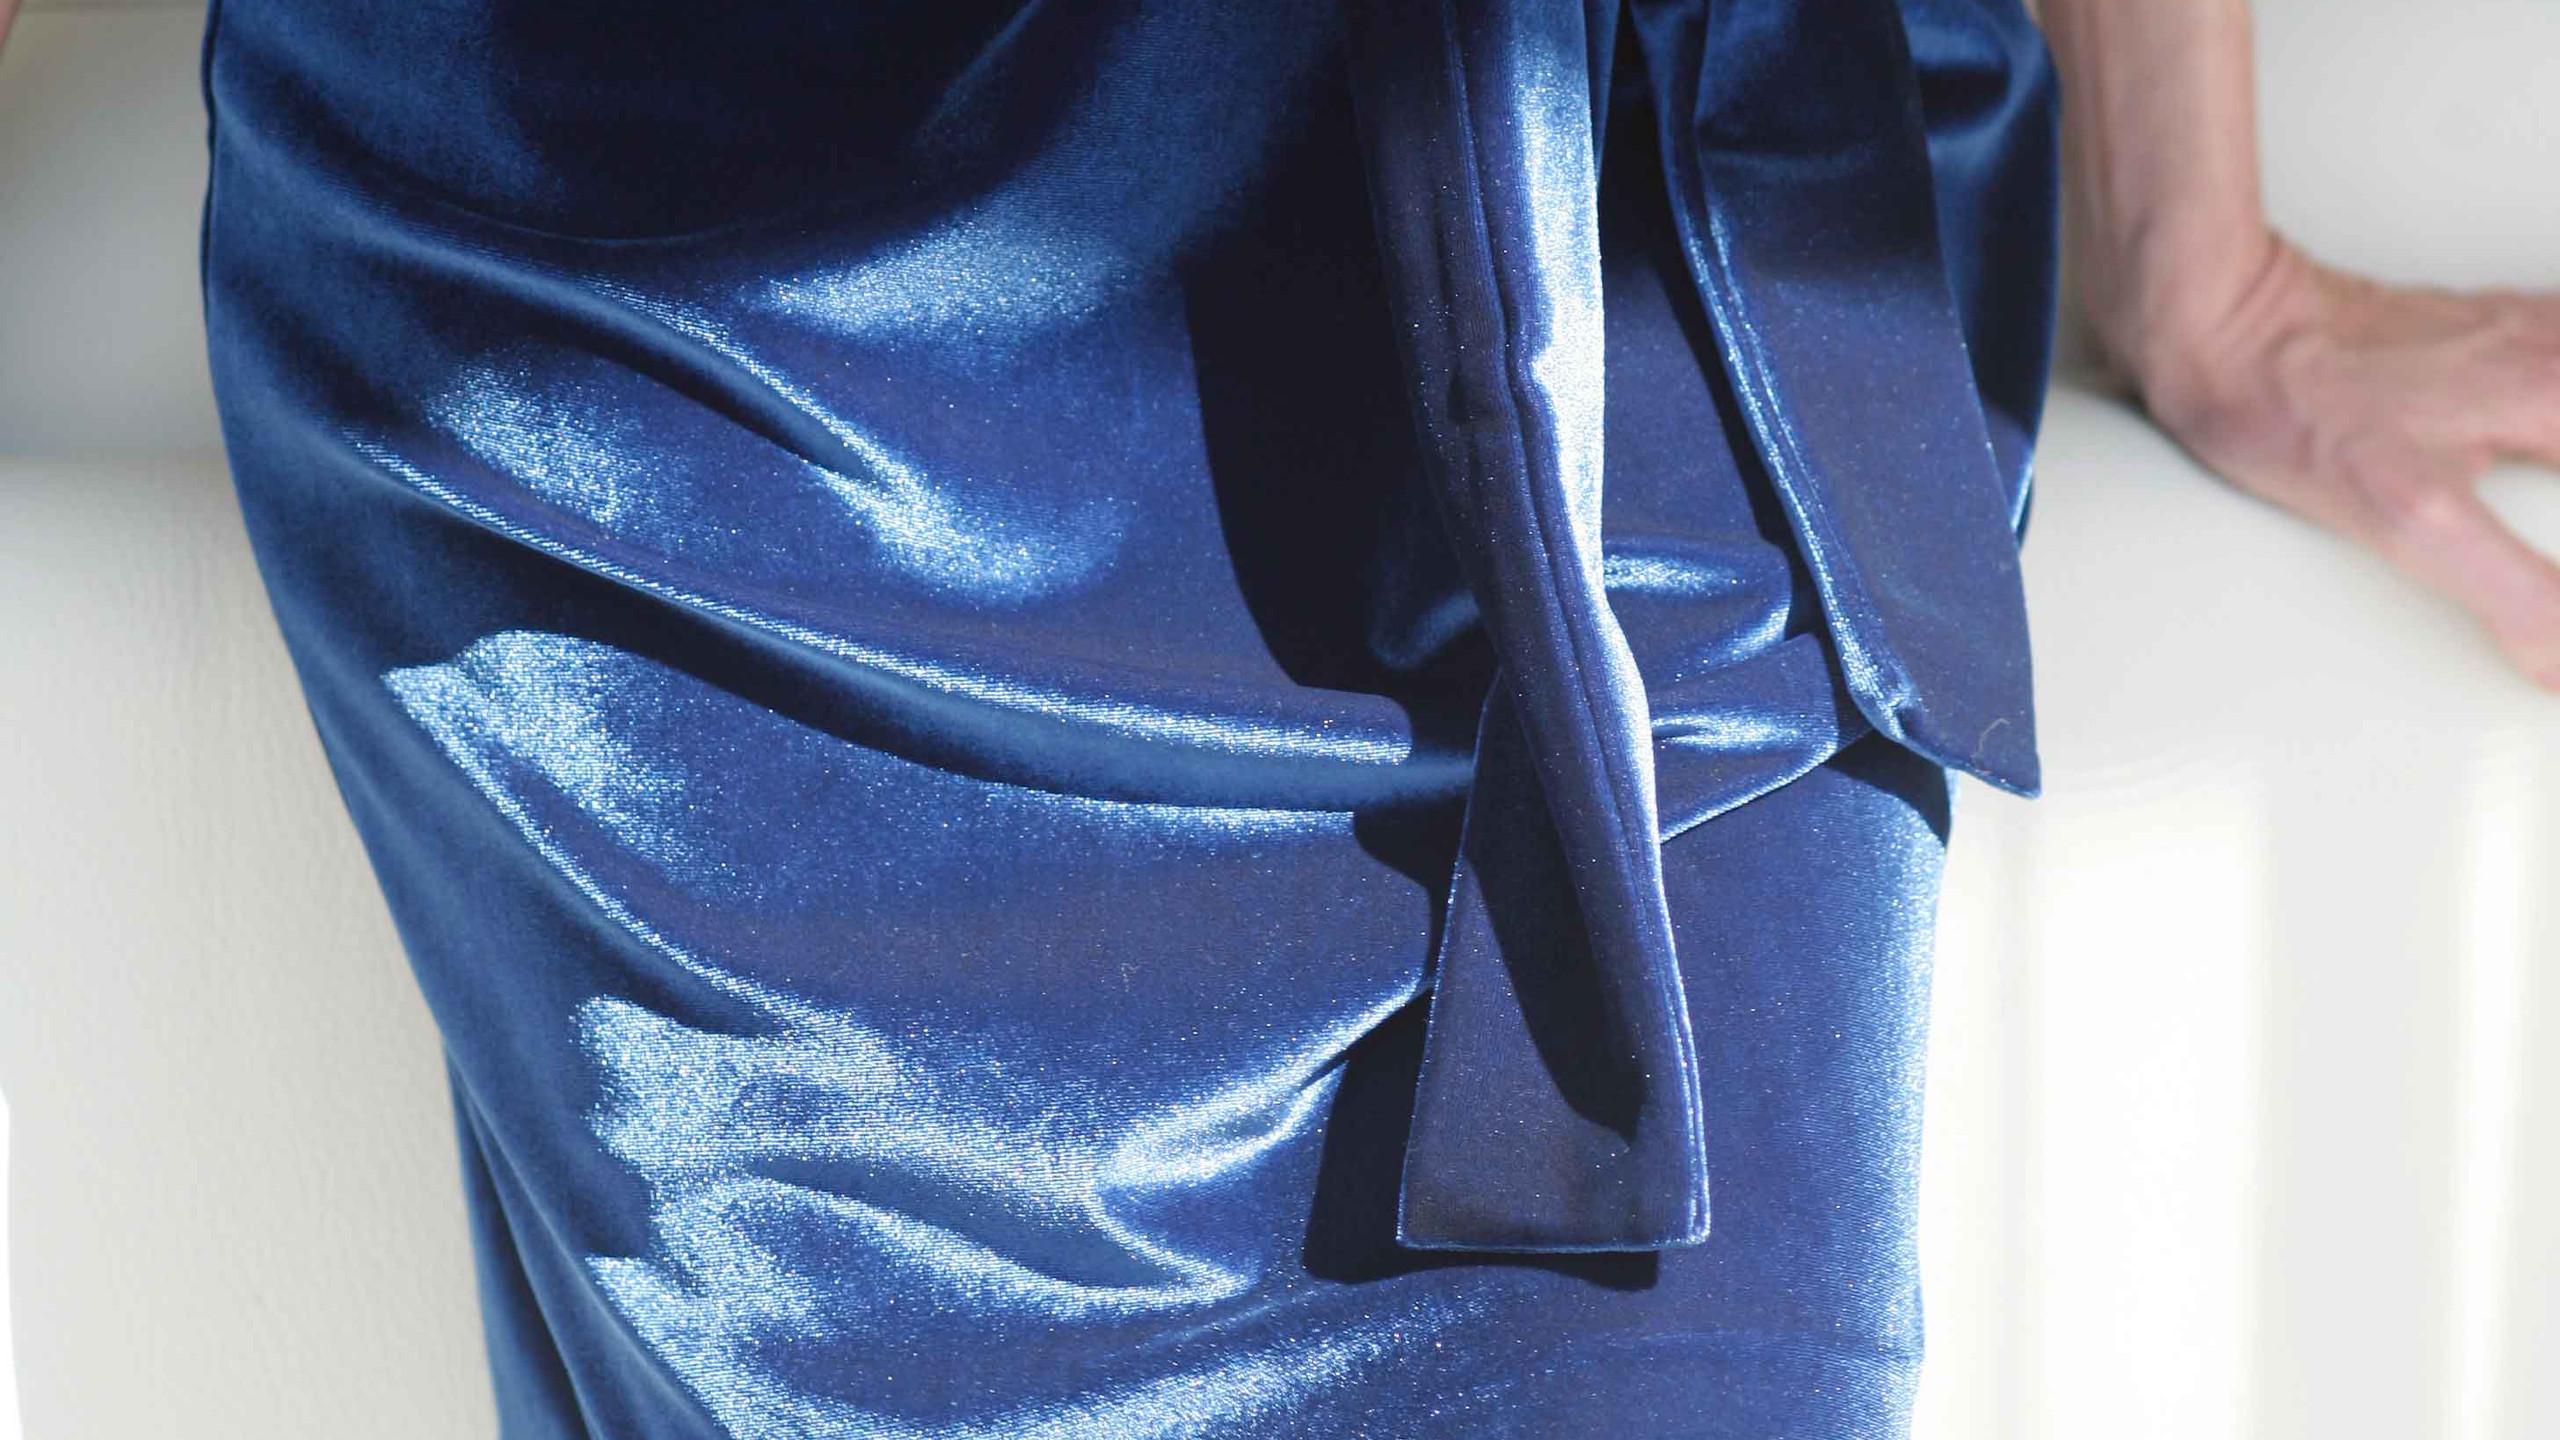 effetti iridescenti sul velluto blu